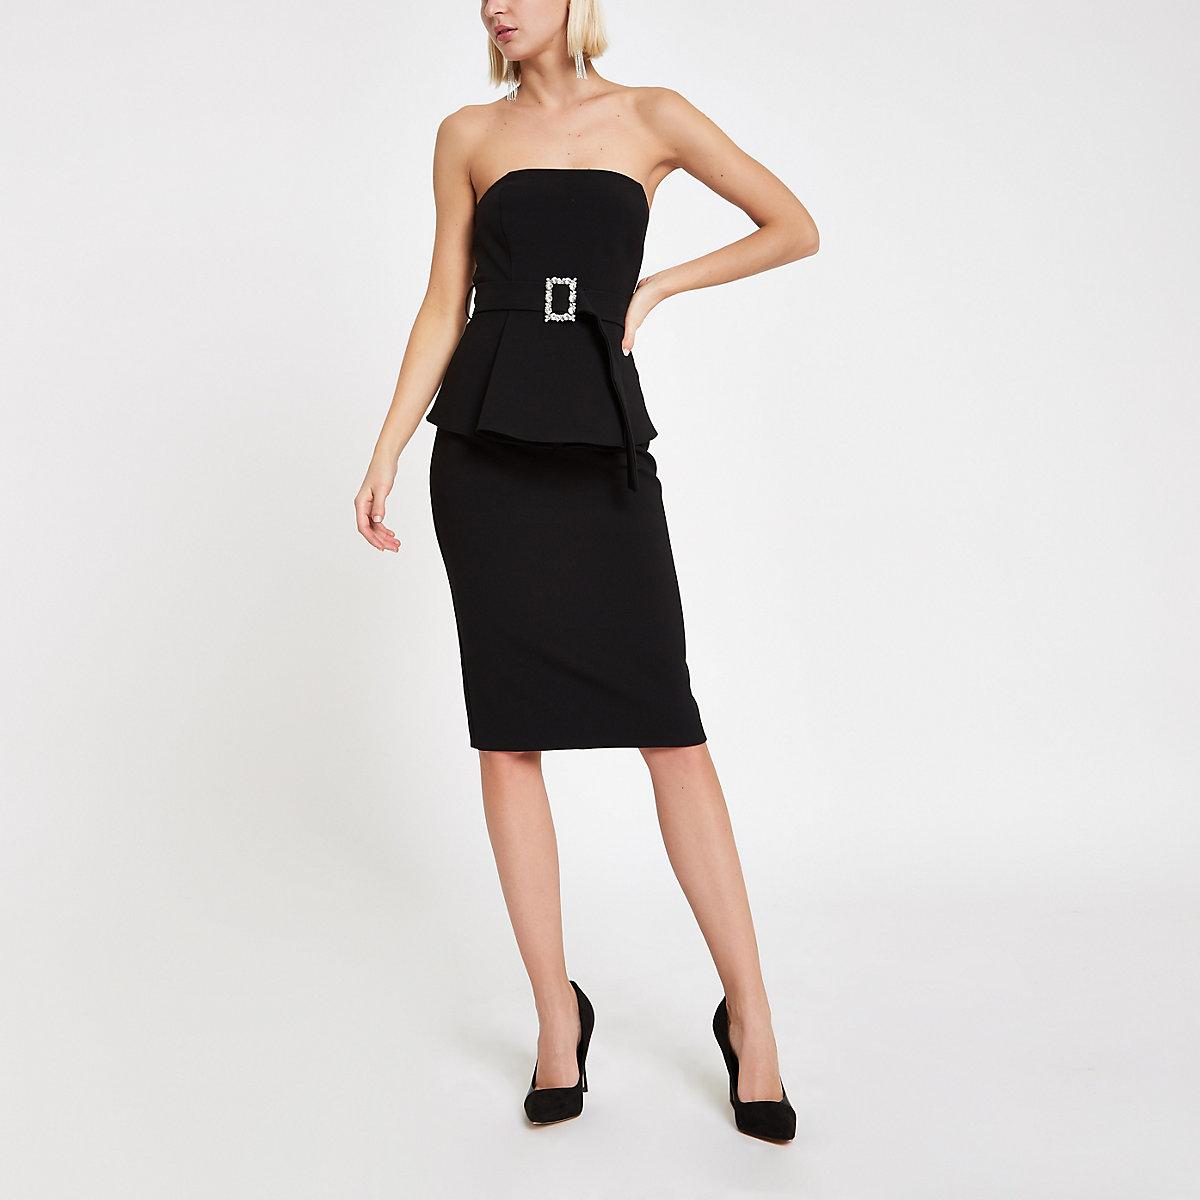 Zwarte mini-jurk in bandeaustijl met ceintuur en siersteentjes